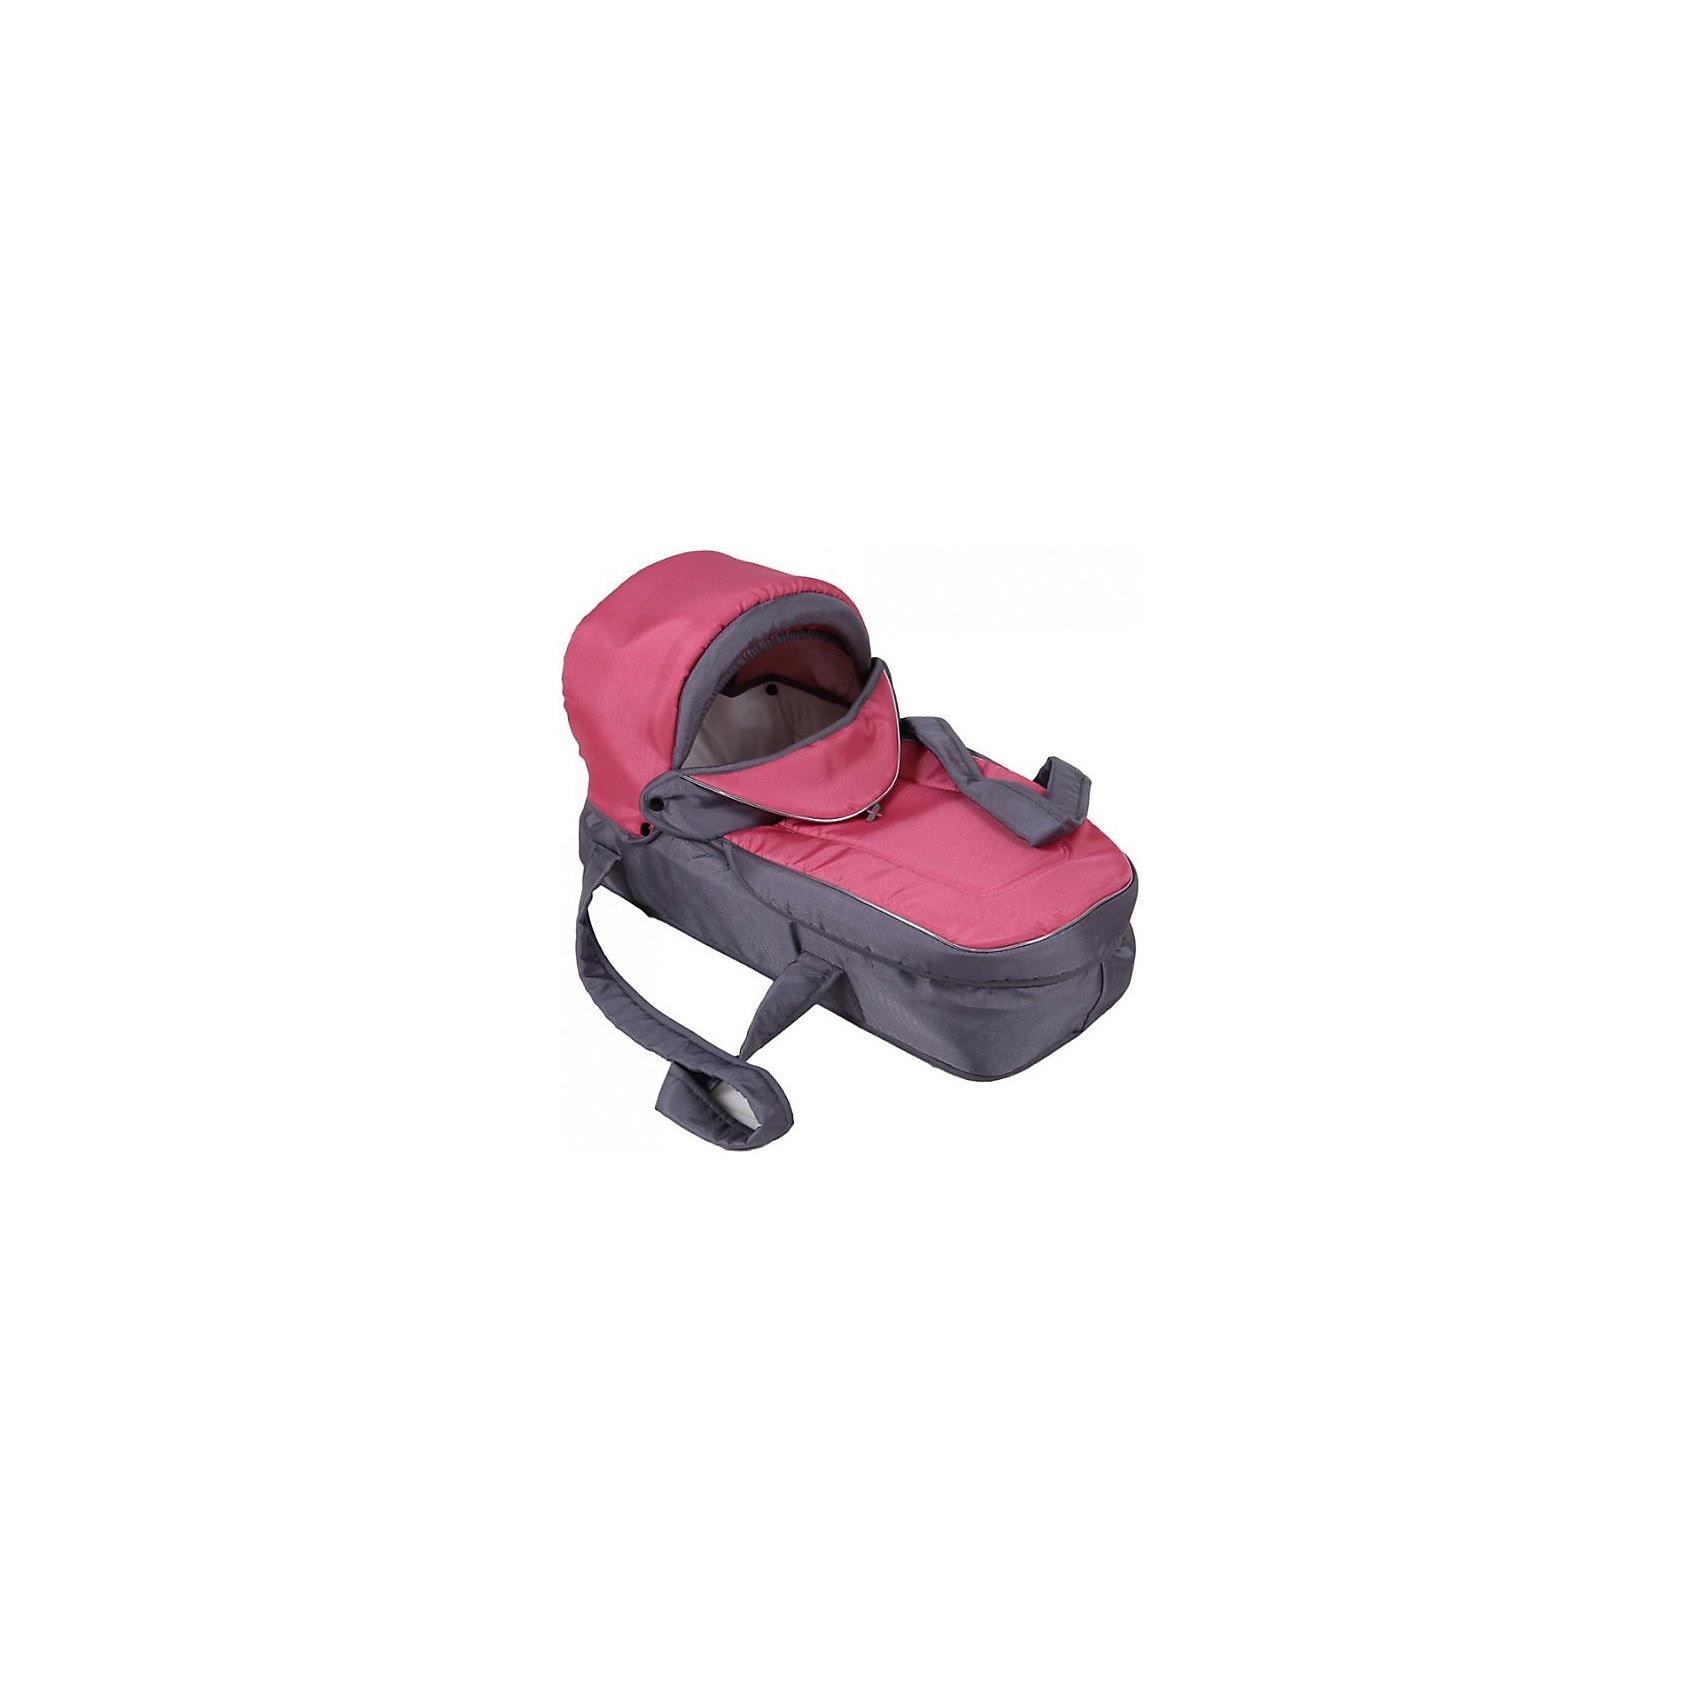 Люлька-переноска для коляски ВЕНЕЦИЯ 202, Лео, серый/розовыйСлинги и рюкзаки-переноски<br>Удобная люлька-переноска для коляски позволит переносить ребенка, не беспокоясь при этом о его безопасности. Боковины и изголовье изделия укреплены, поэтому малыш будет защищен от внешних вмешательств. Днище переноски изготовлено из оргалита, это обеспечивает правильное развитие позвоночника. Высокие бортики защитят малыша от непогоды. <br>Внутренняя обивка сделана из 100% хлопка. Чехол легко чистится! Конструкция  - очень удобная и прочная. Изделие произведено из качественных и безопасных для малышей материалов, оно соответствуют всем современным требованиям безопасности.<br> <br>Дополнительная информация:<br><br>цвет: серый/розовый;<br>чехол можно стирать;<br>боковины и изголовье укреплены;<br>днище из оргалита;<br>высокие бортики;<br>внутренняя обивка из 100% хлопка.<br><br>Люльку-переноску для коляски ВЕНЕЦИЯ 202, серый/розовый, от компании Лео можно купить в нашем магазине.<br><br>Ширина мм: 640<br>Глубина мм: 290<br>Высота мм: 150<br>Вес г: 1450<br>Возраст от месяцев: 0<br>Возраст до месяцев: 4<br>Пол: Унисекс<br>Возраст: Детский<br>SKU: 4720074